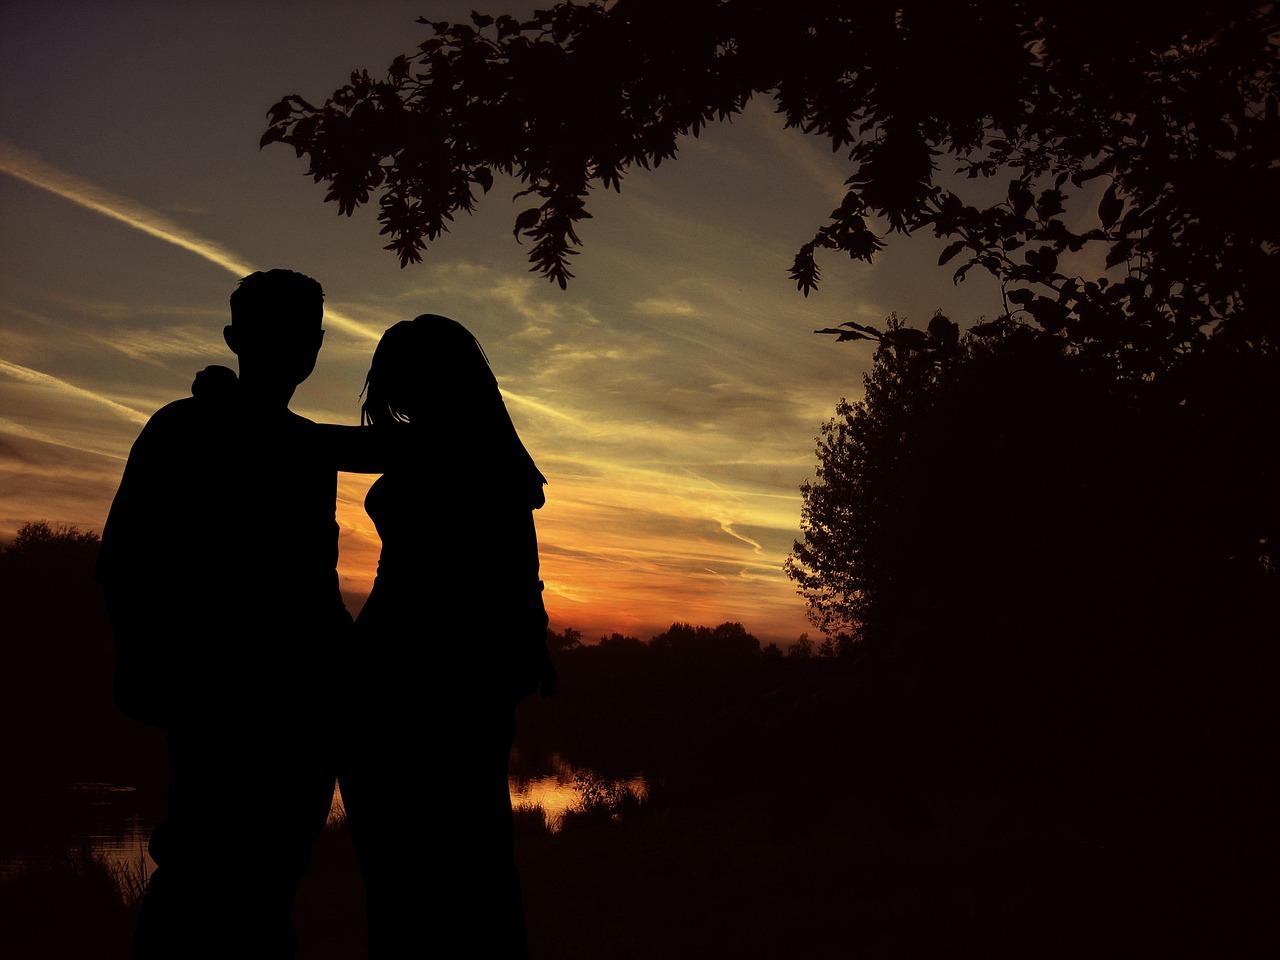 Картинки с парнем и девушкой обнимаются ночью